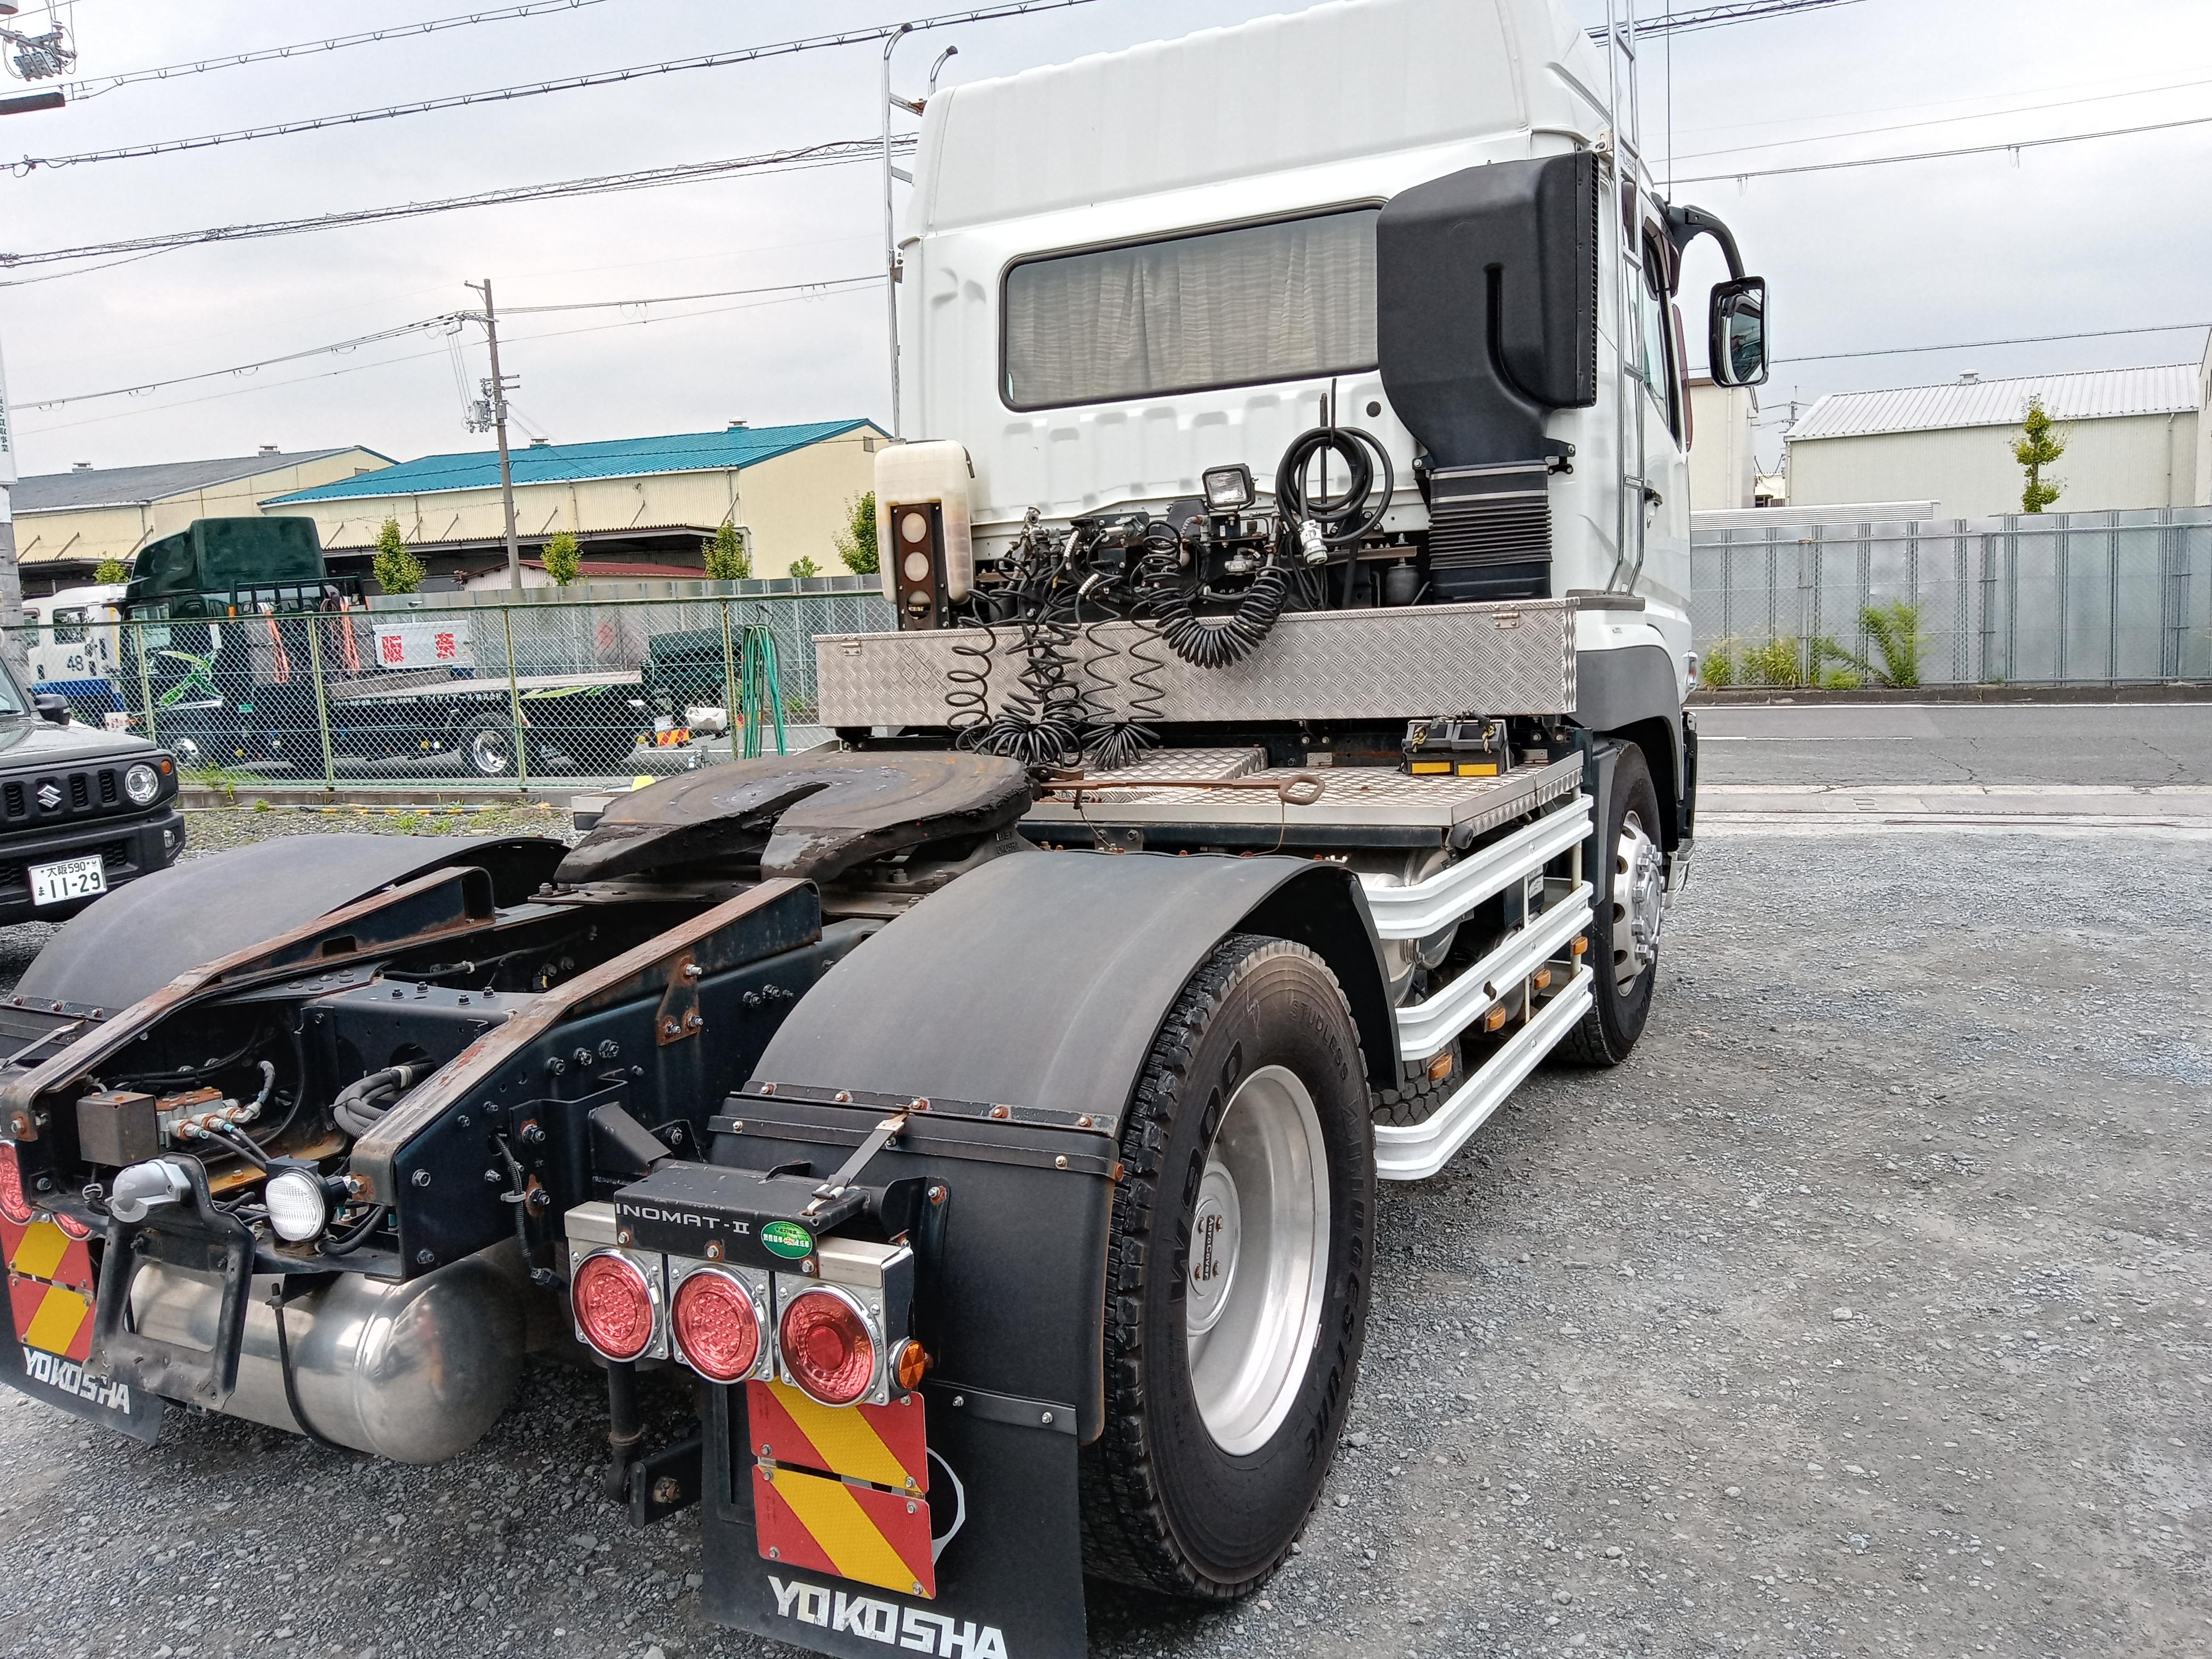 H27年 QPG-FP64VDR 三菱 スーパーグレート トラクタ 車検付 297千㎞4